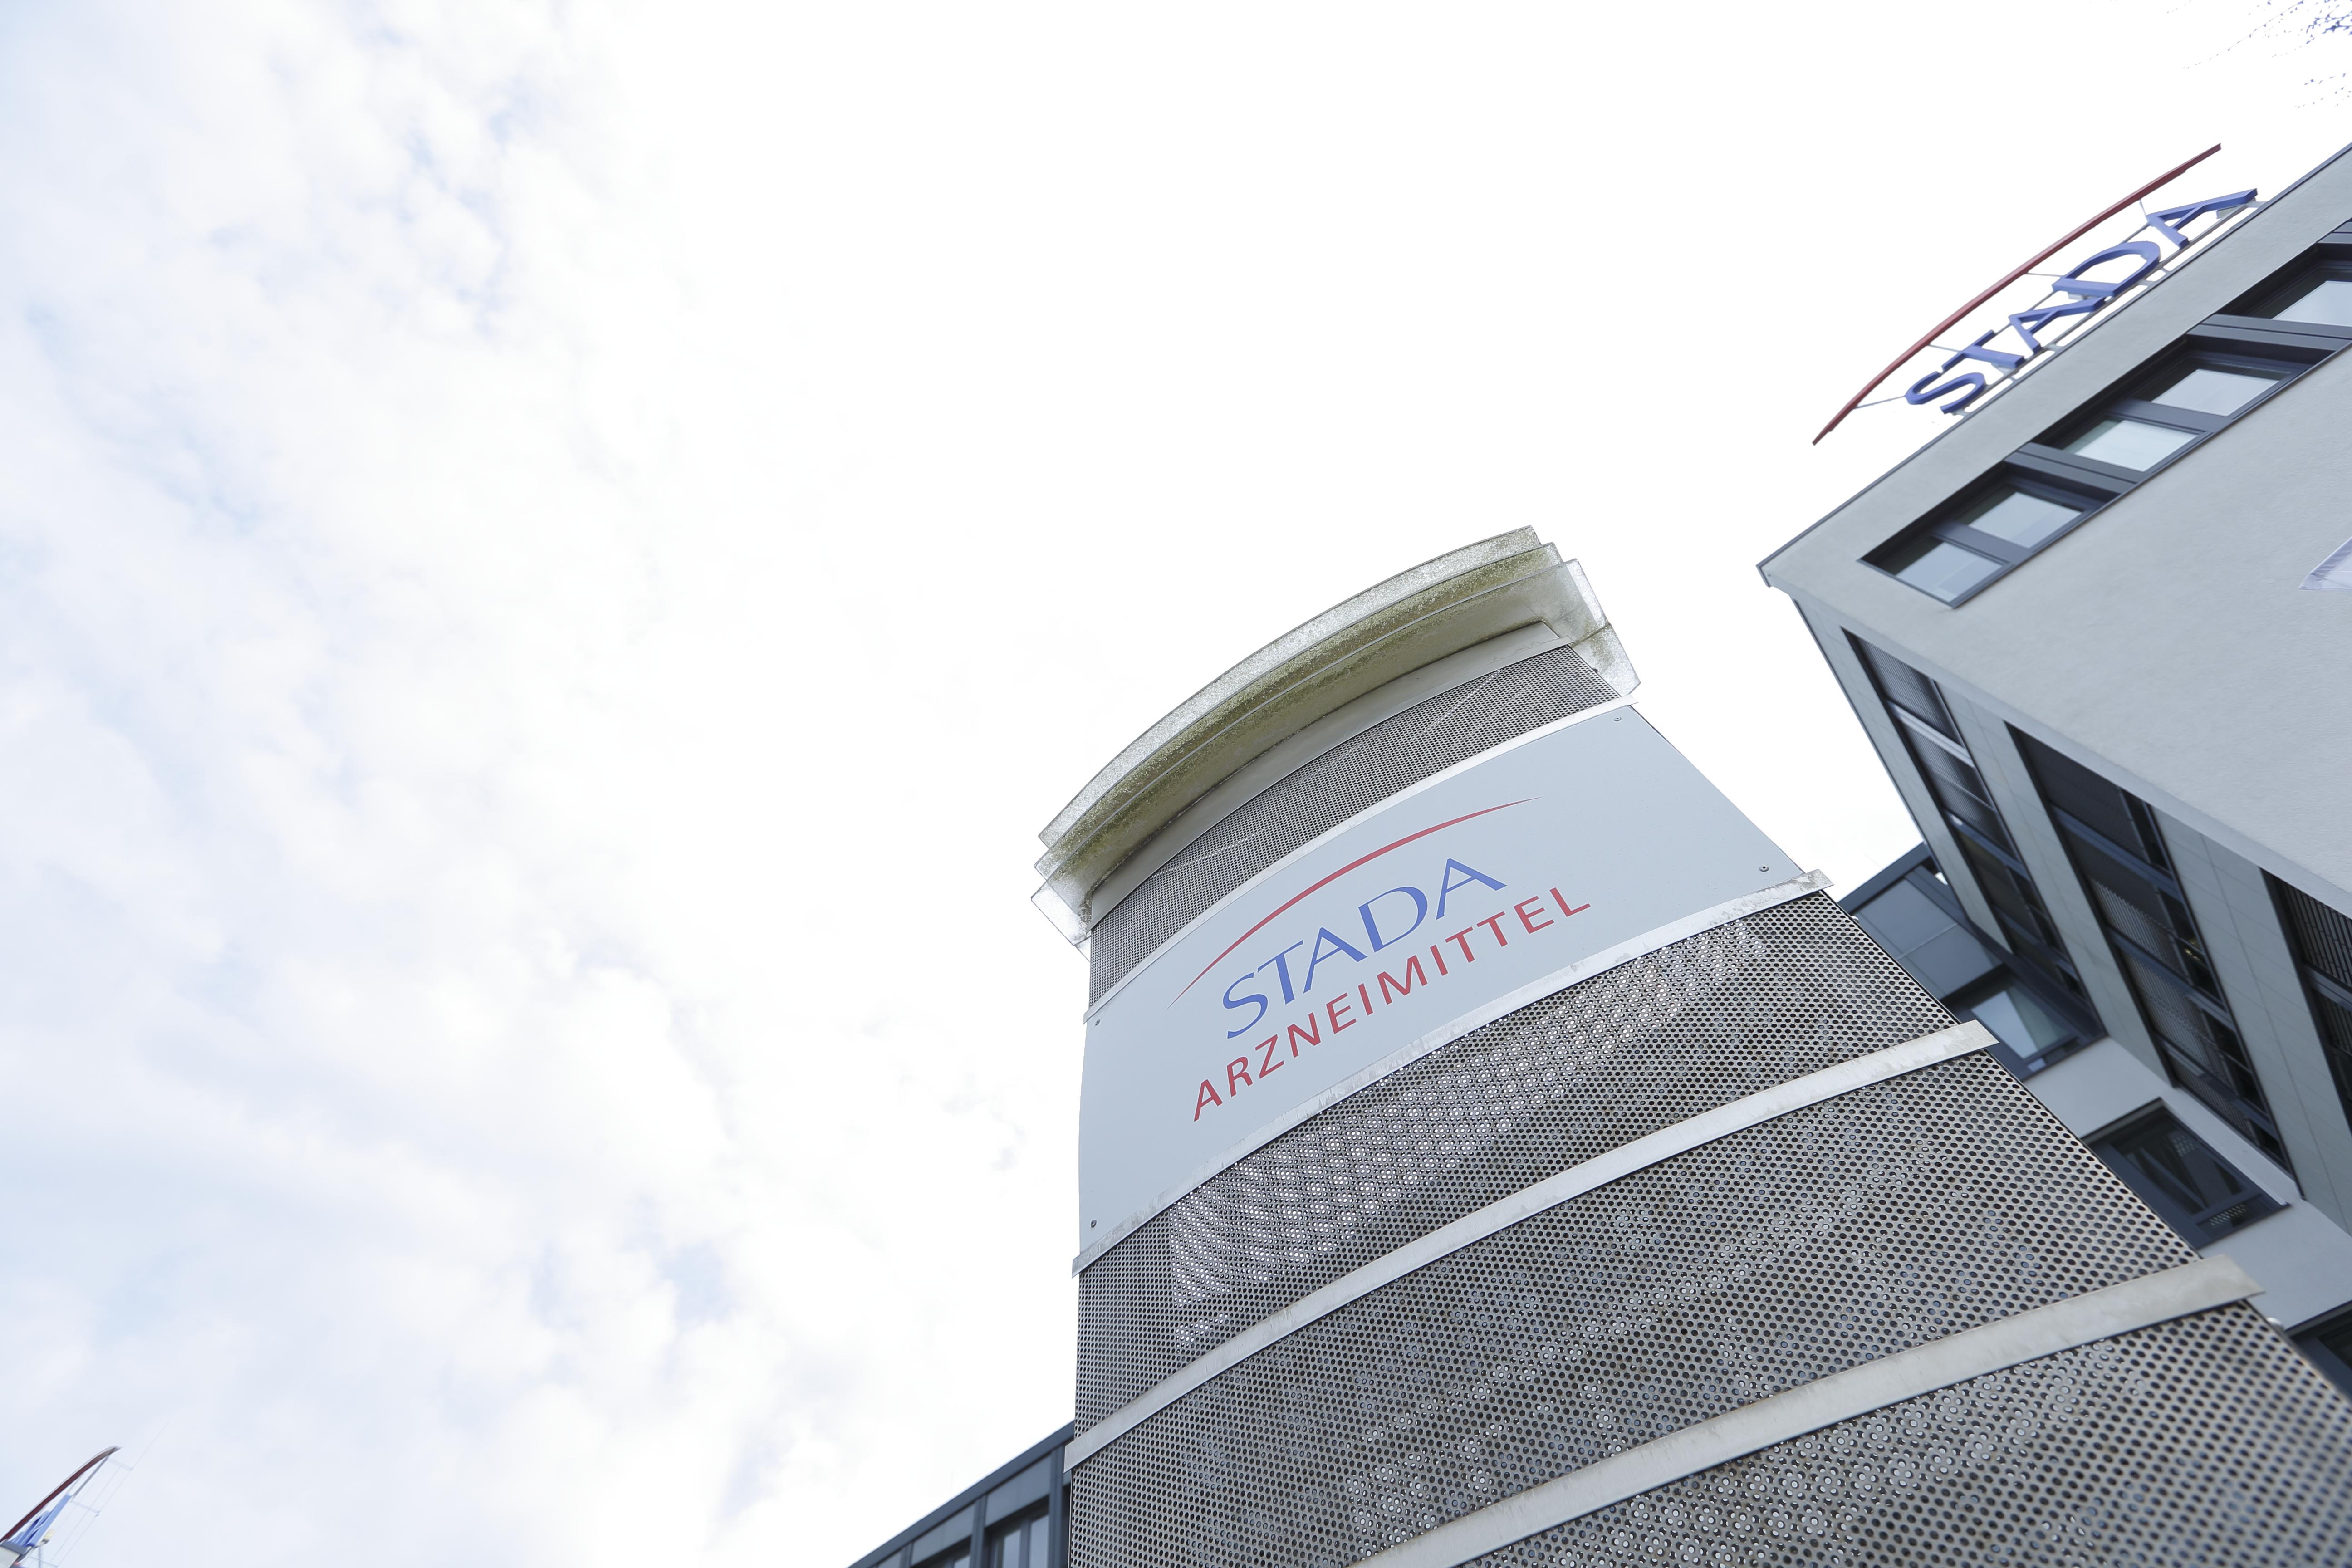 Stada: Kann der Pharmakonzern der Rubelschwäche trotzen?